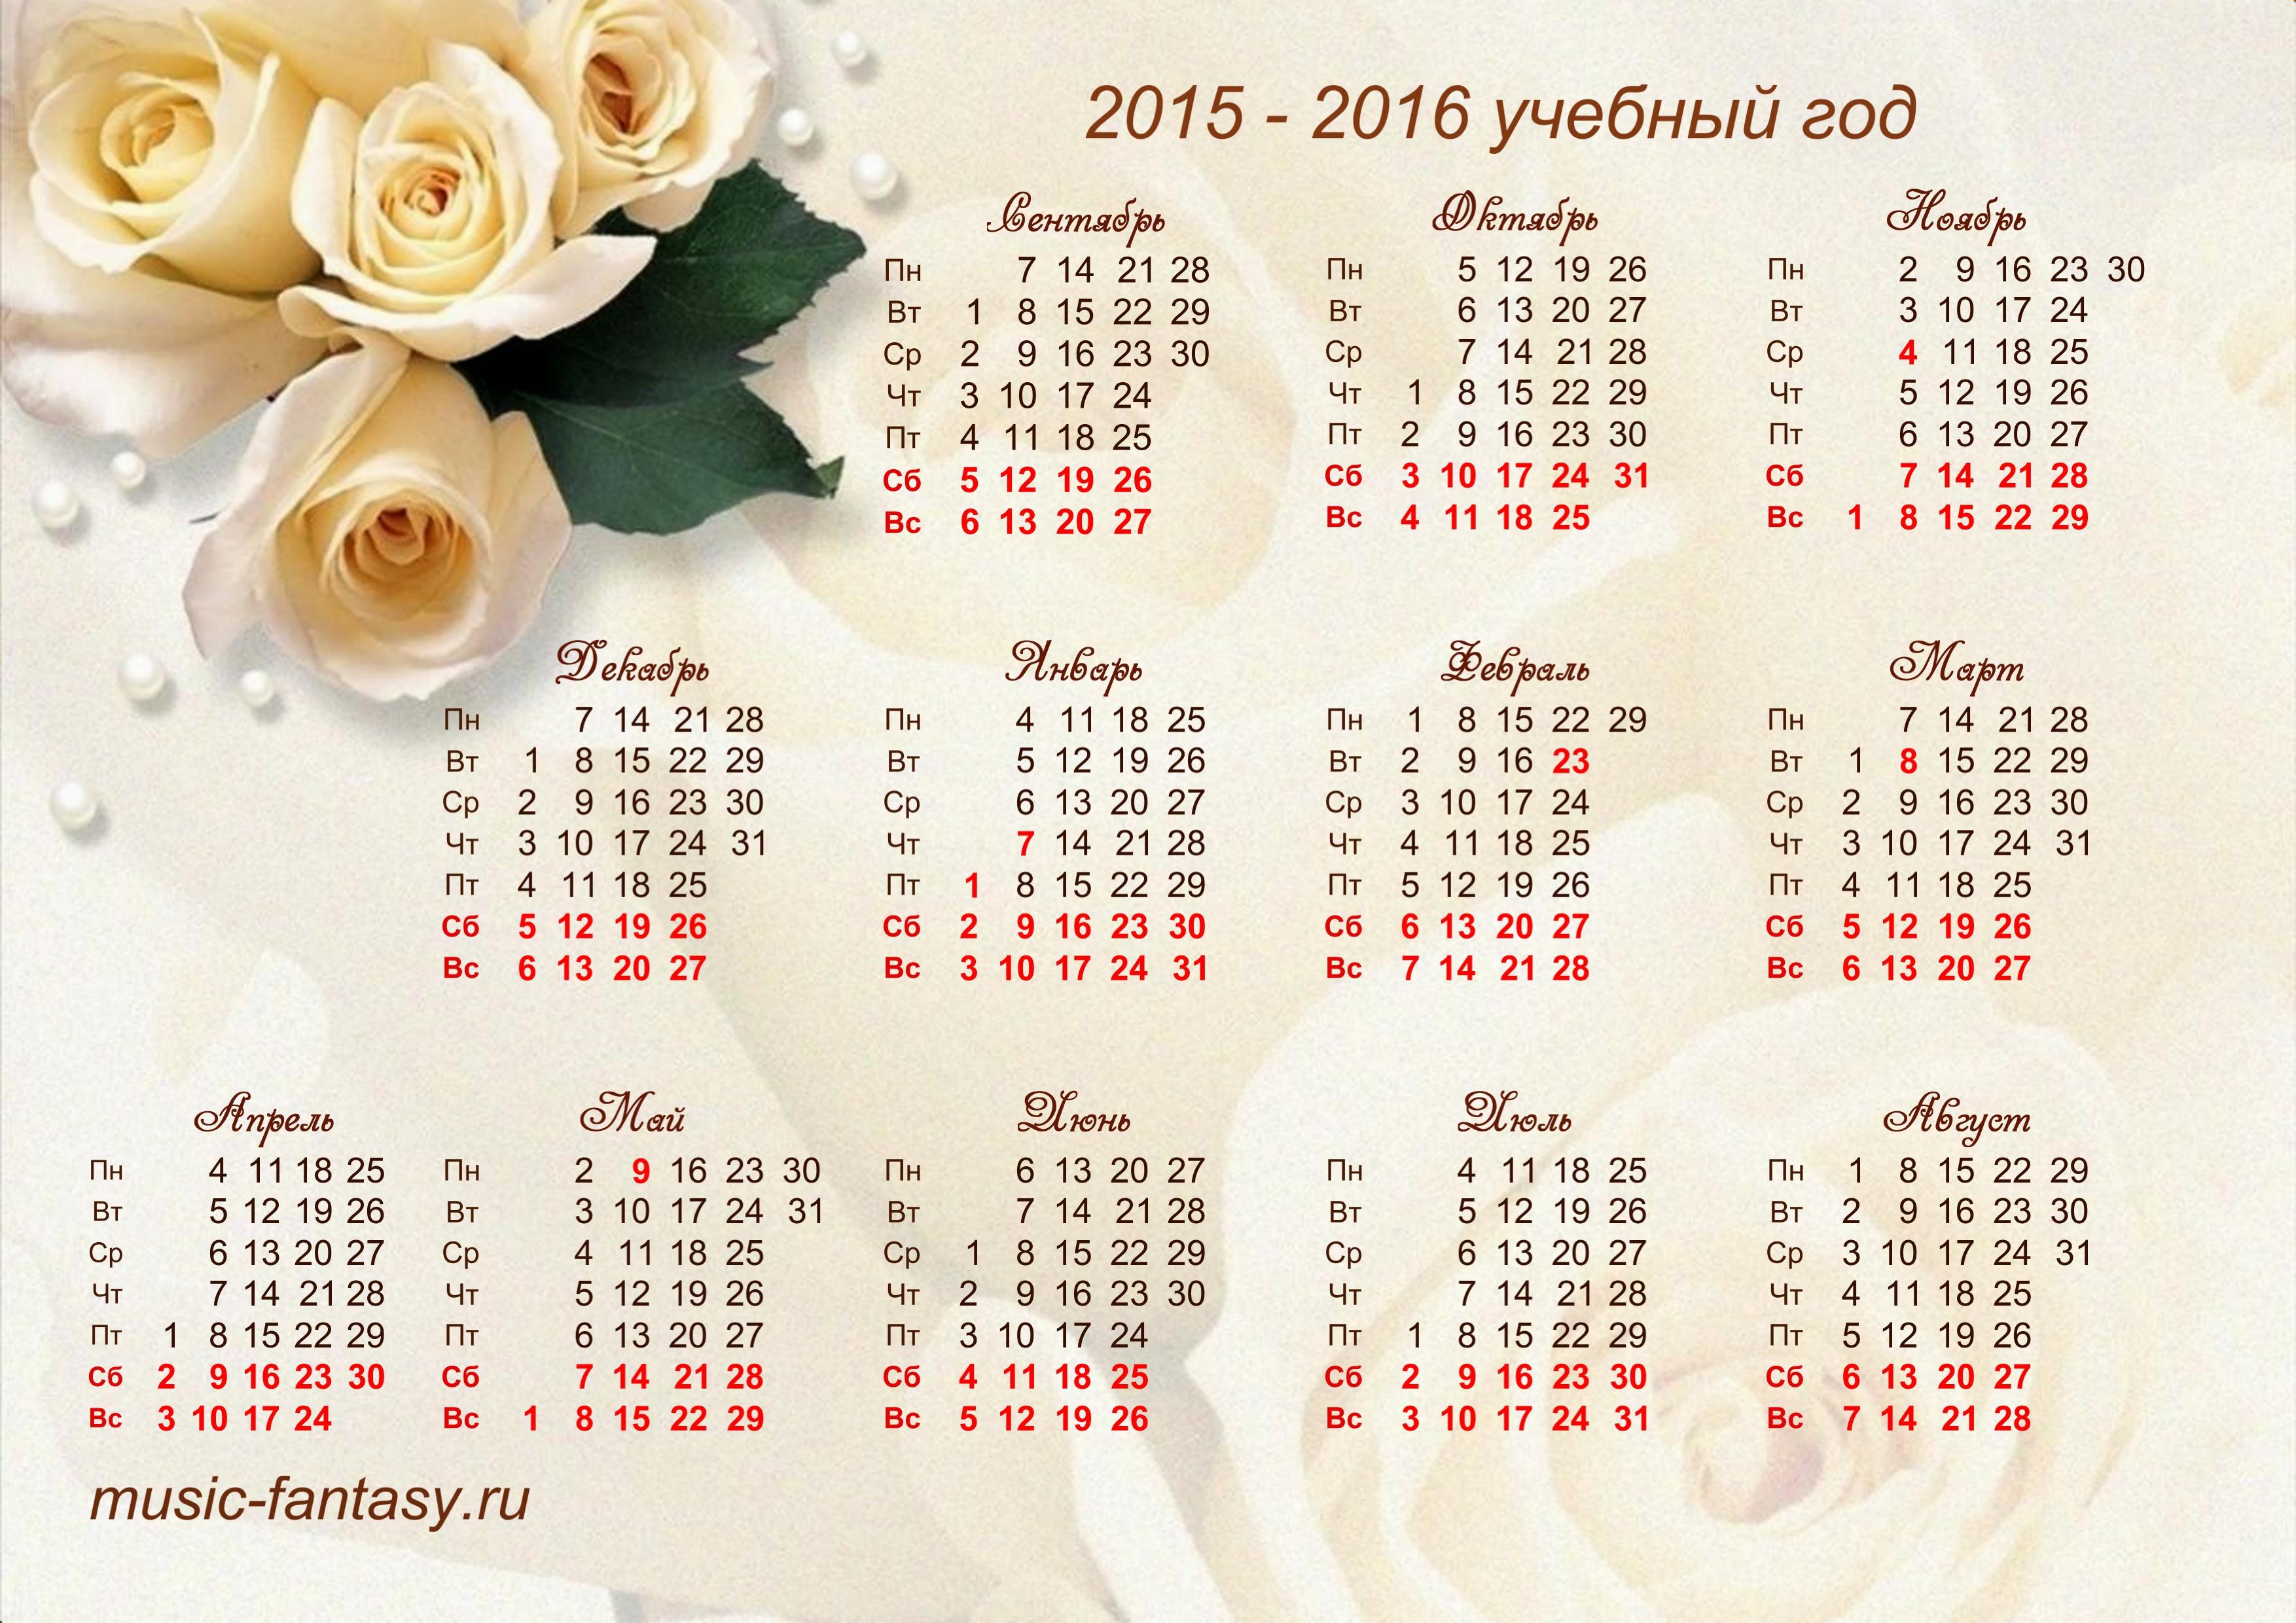 Календарь пасхи на каждый год